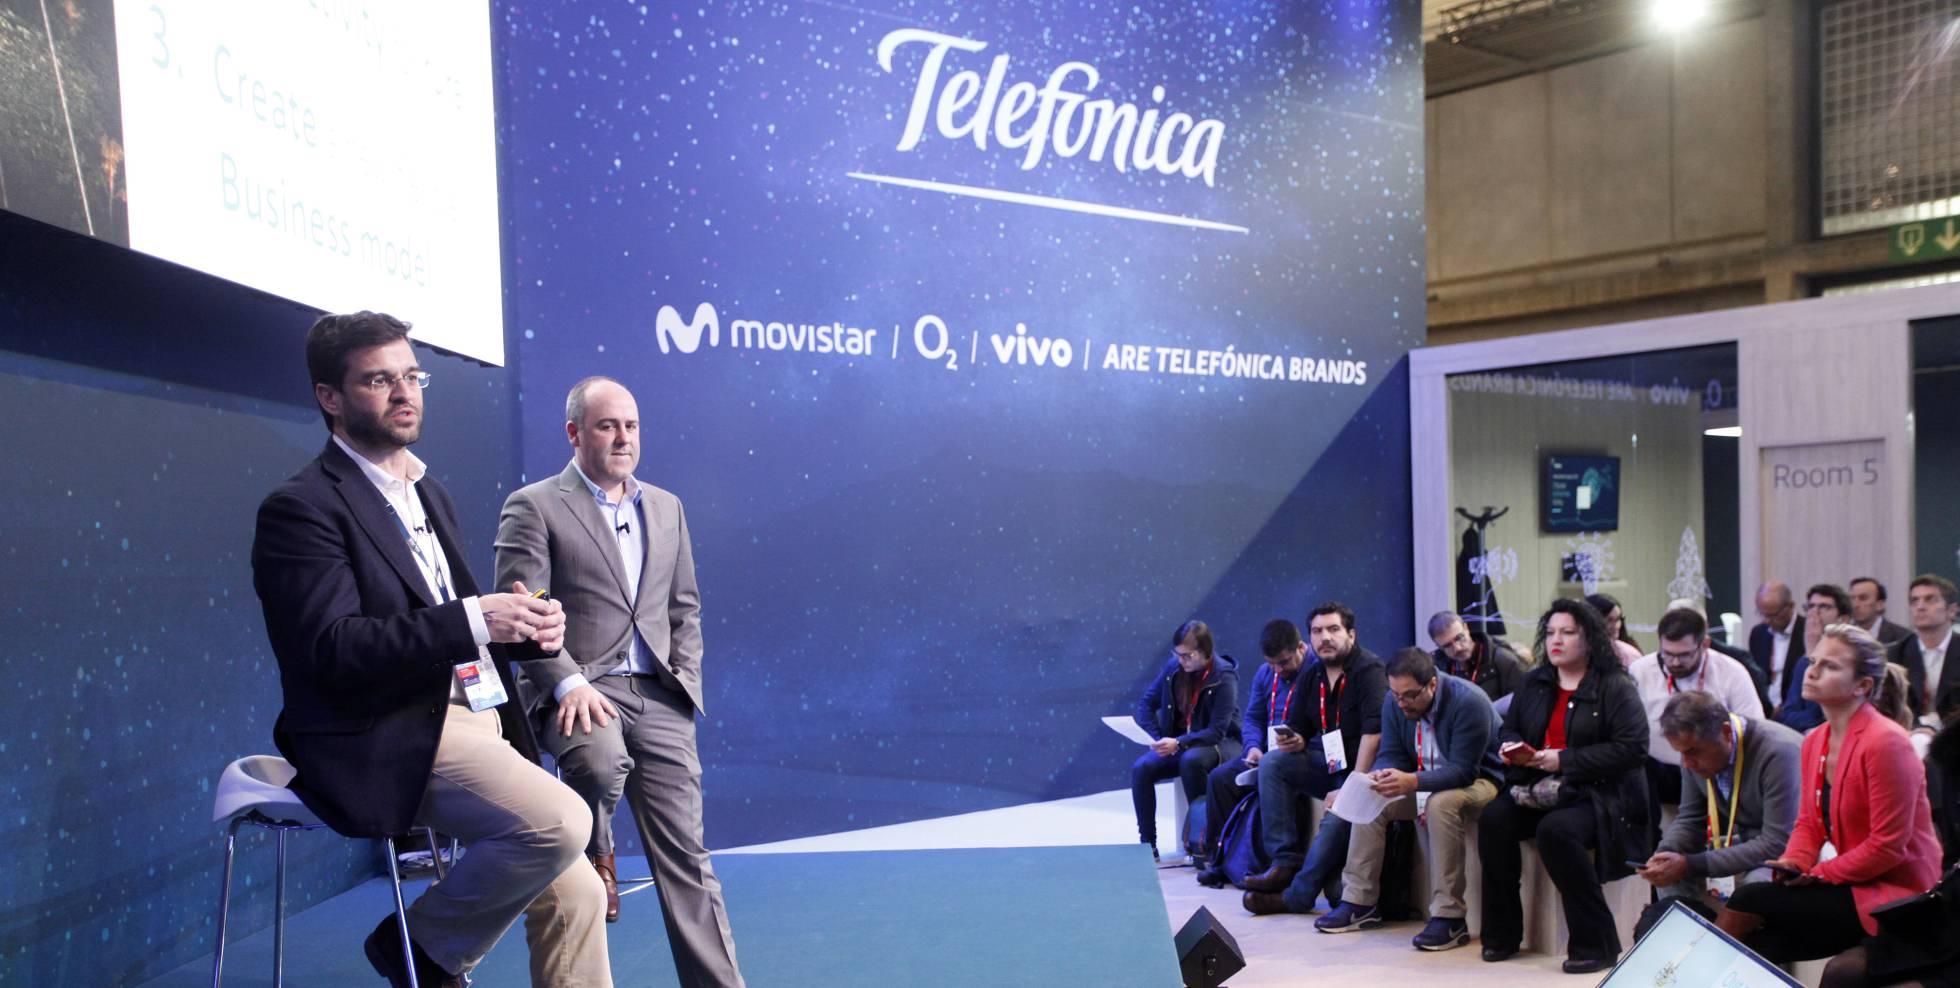 Telefónica y Facebook planean conectar a 100 millones de personas en Latinoamérica